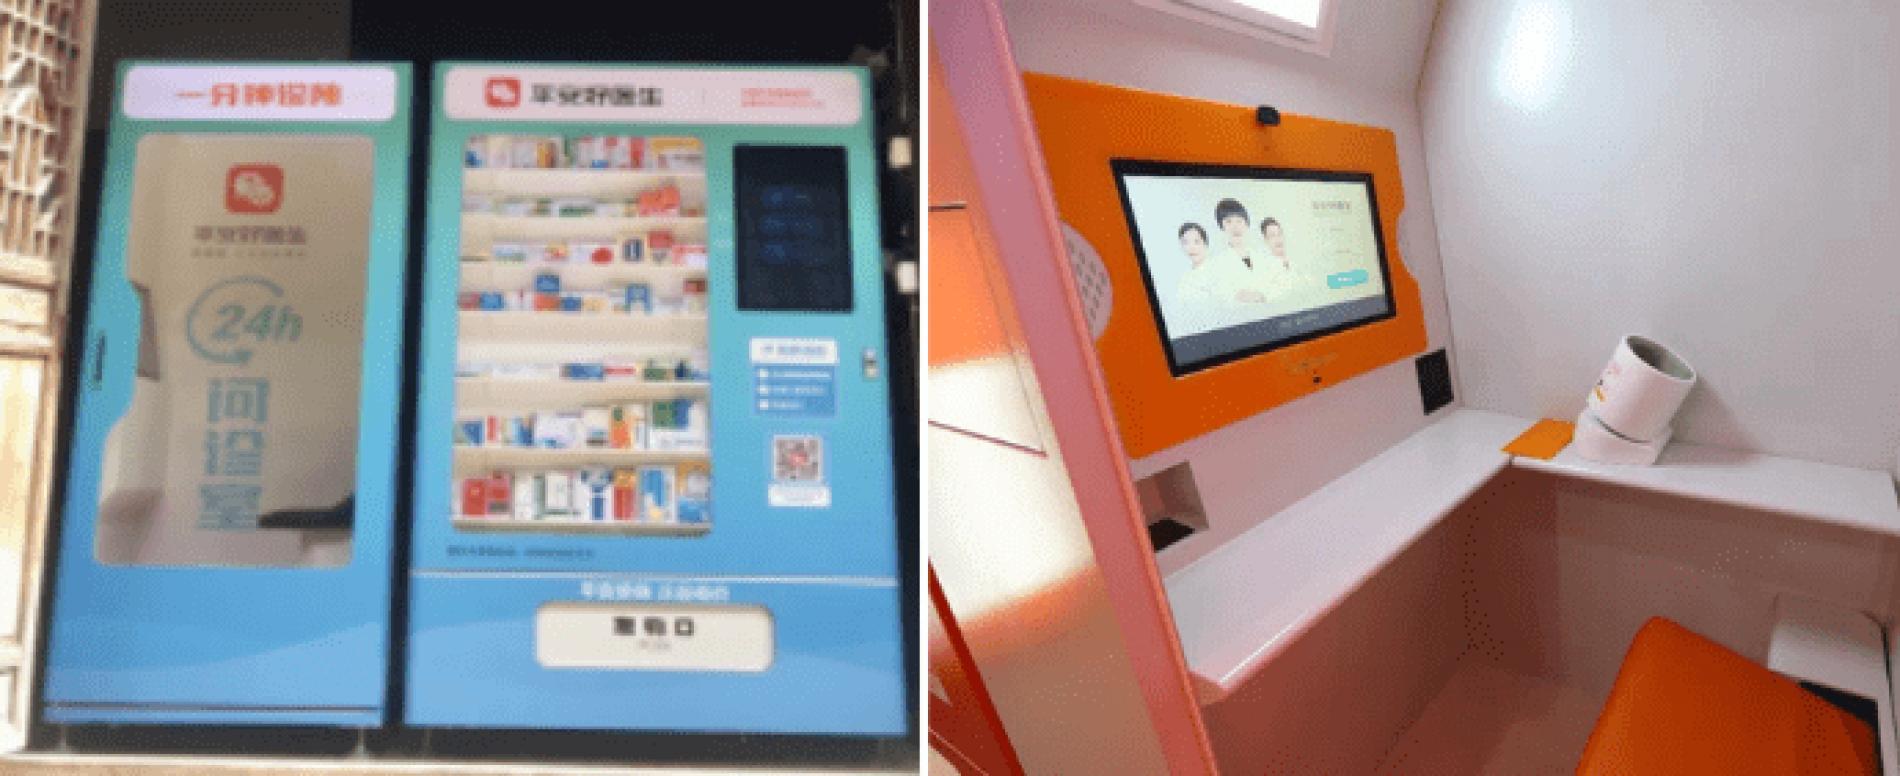 Tutta la tecnologia dello smart vending nello studio medico automatico